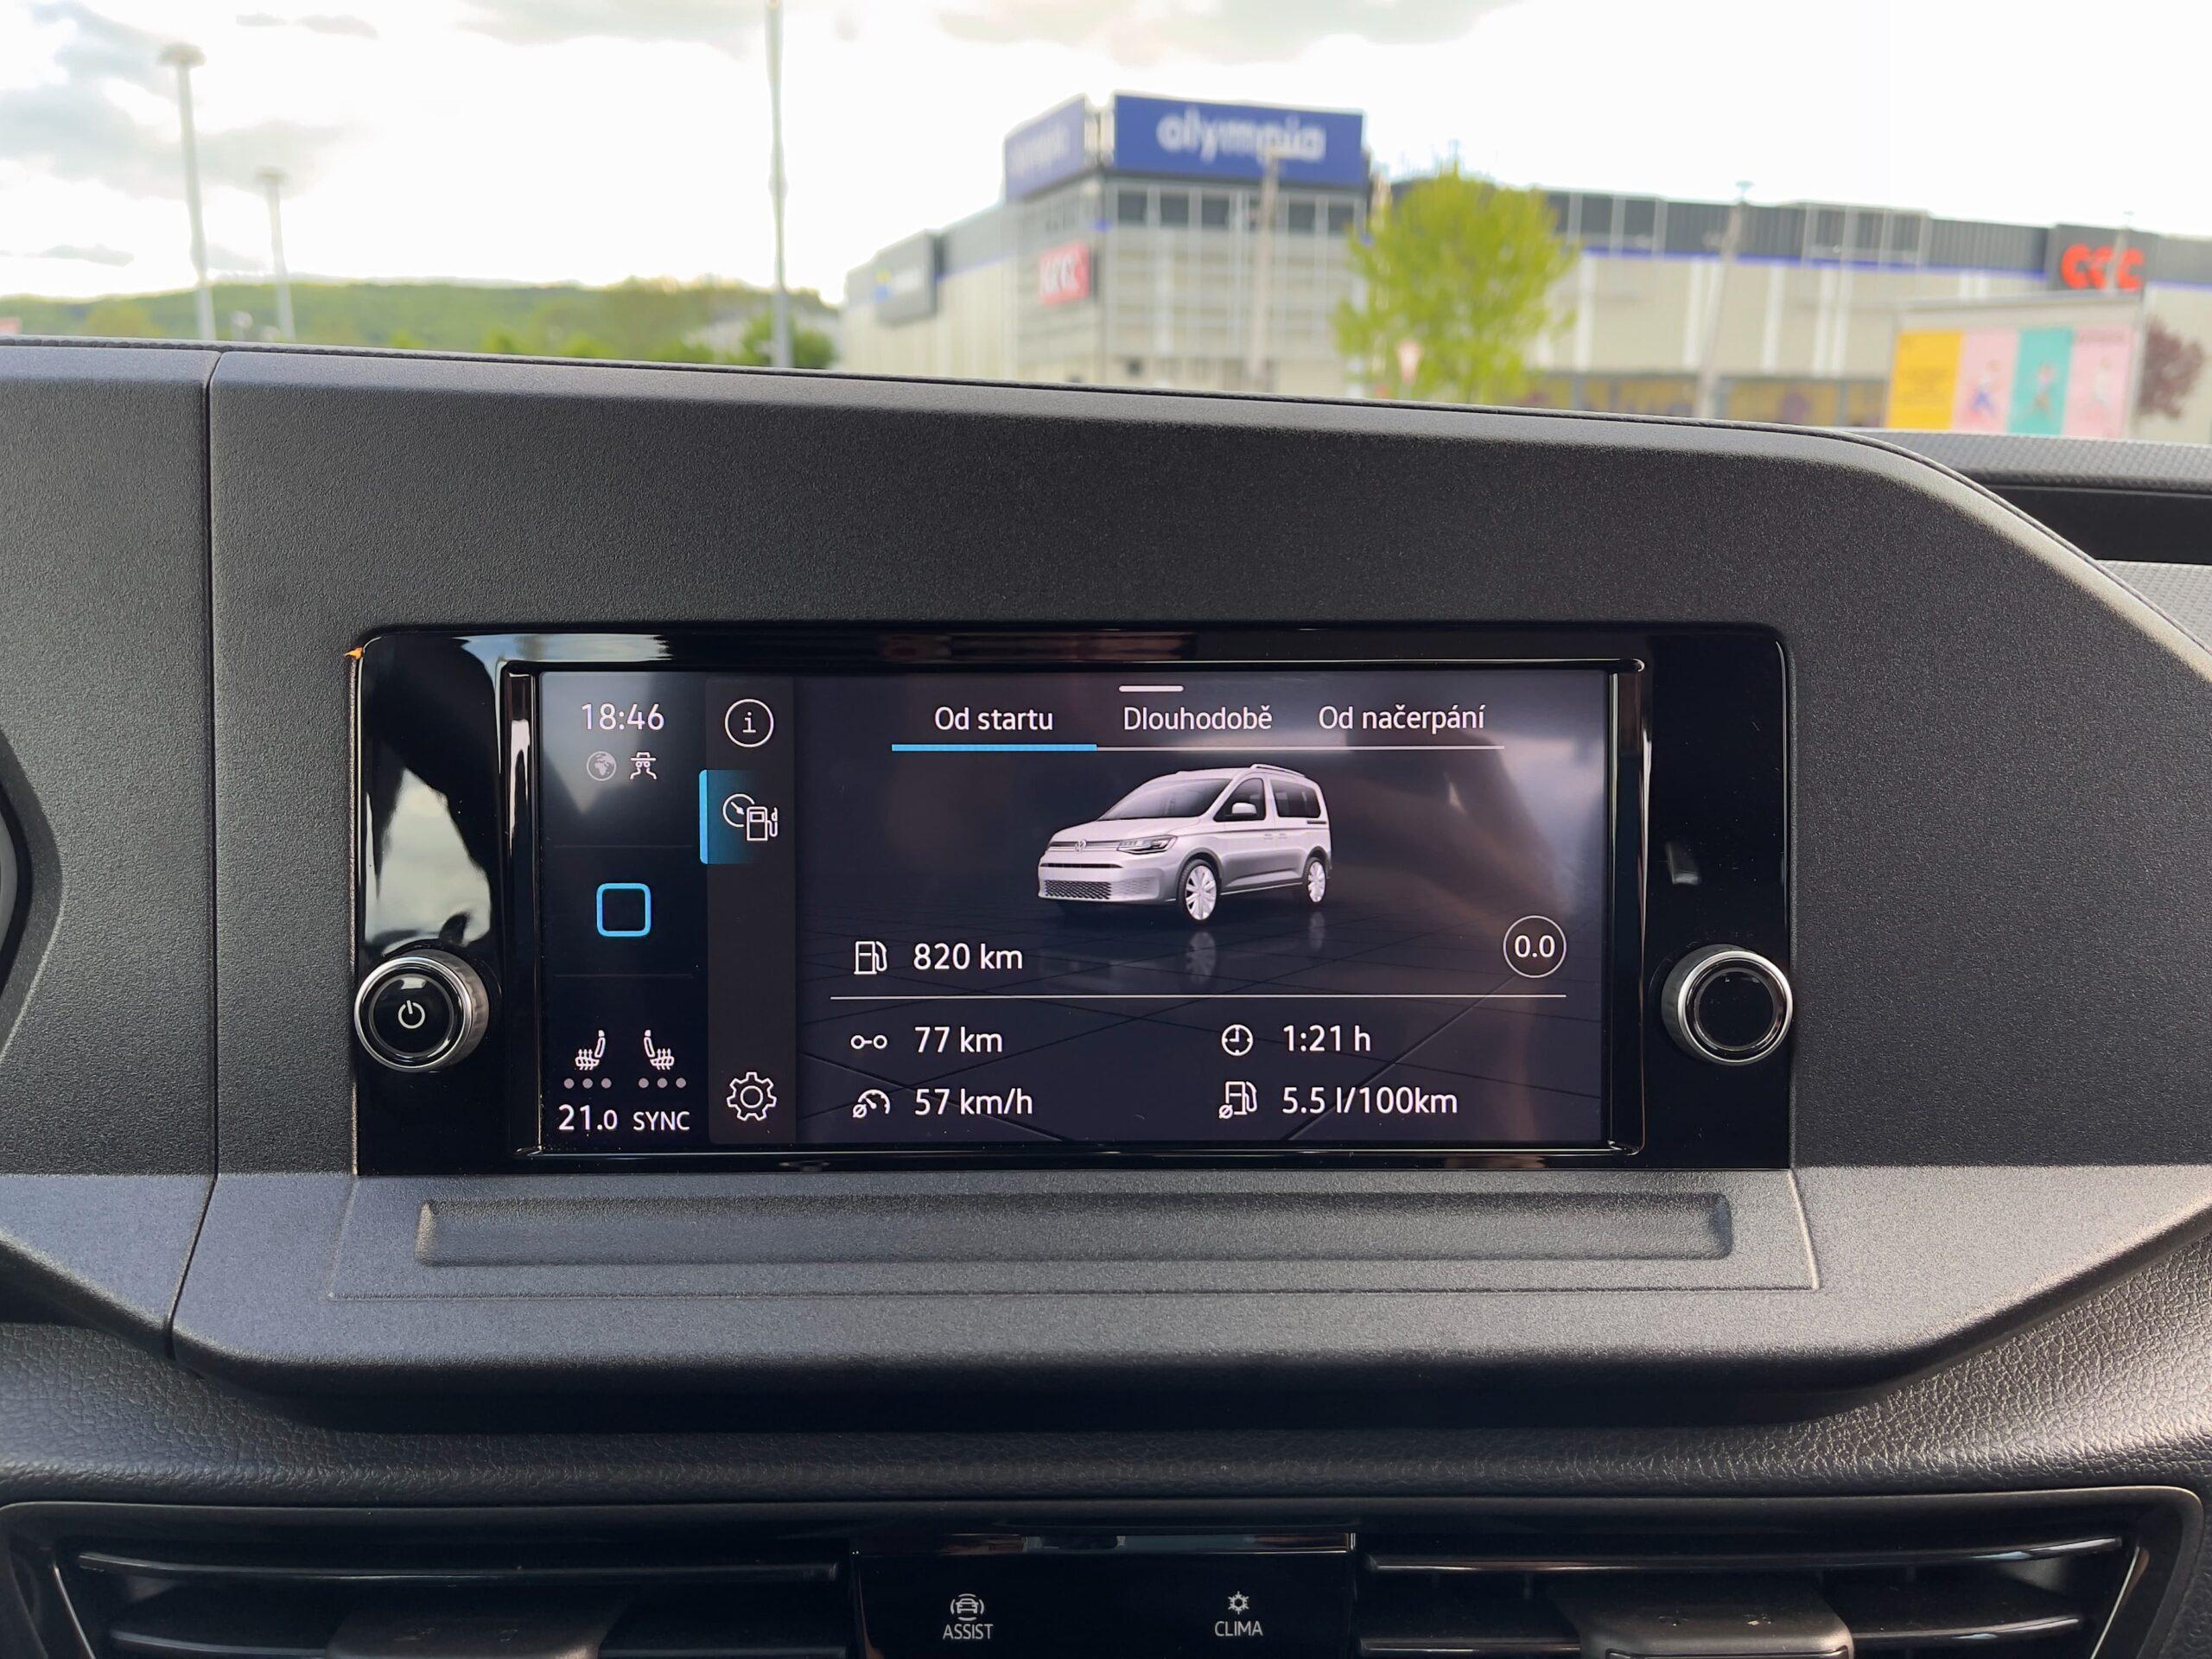 Volkswagen_Caddy_2021_infotainment_4